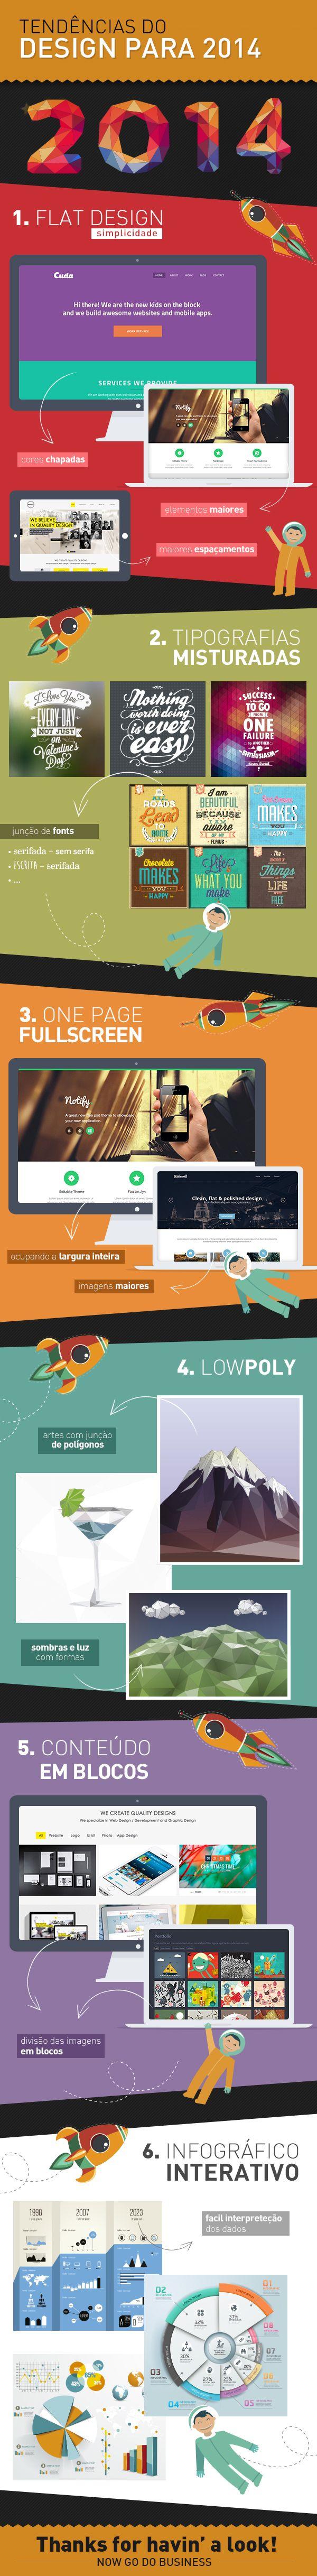 Infográfico: Tendências do Design para E-Commerce 2014 by Pri Santos Barella, via Behance